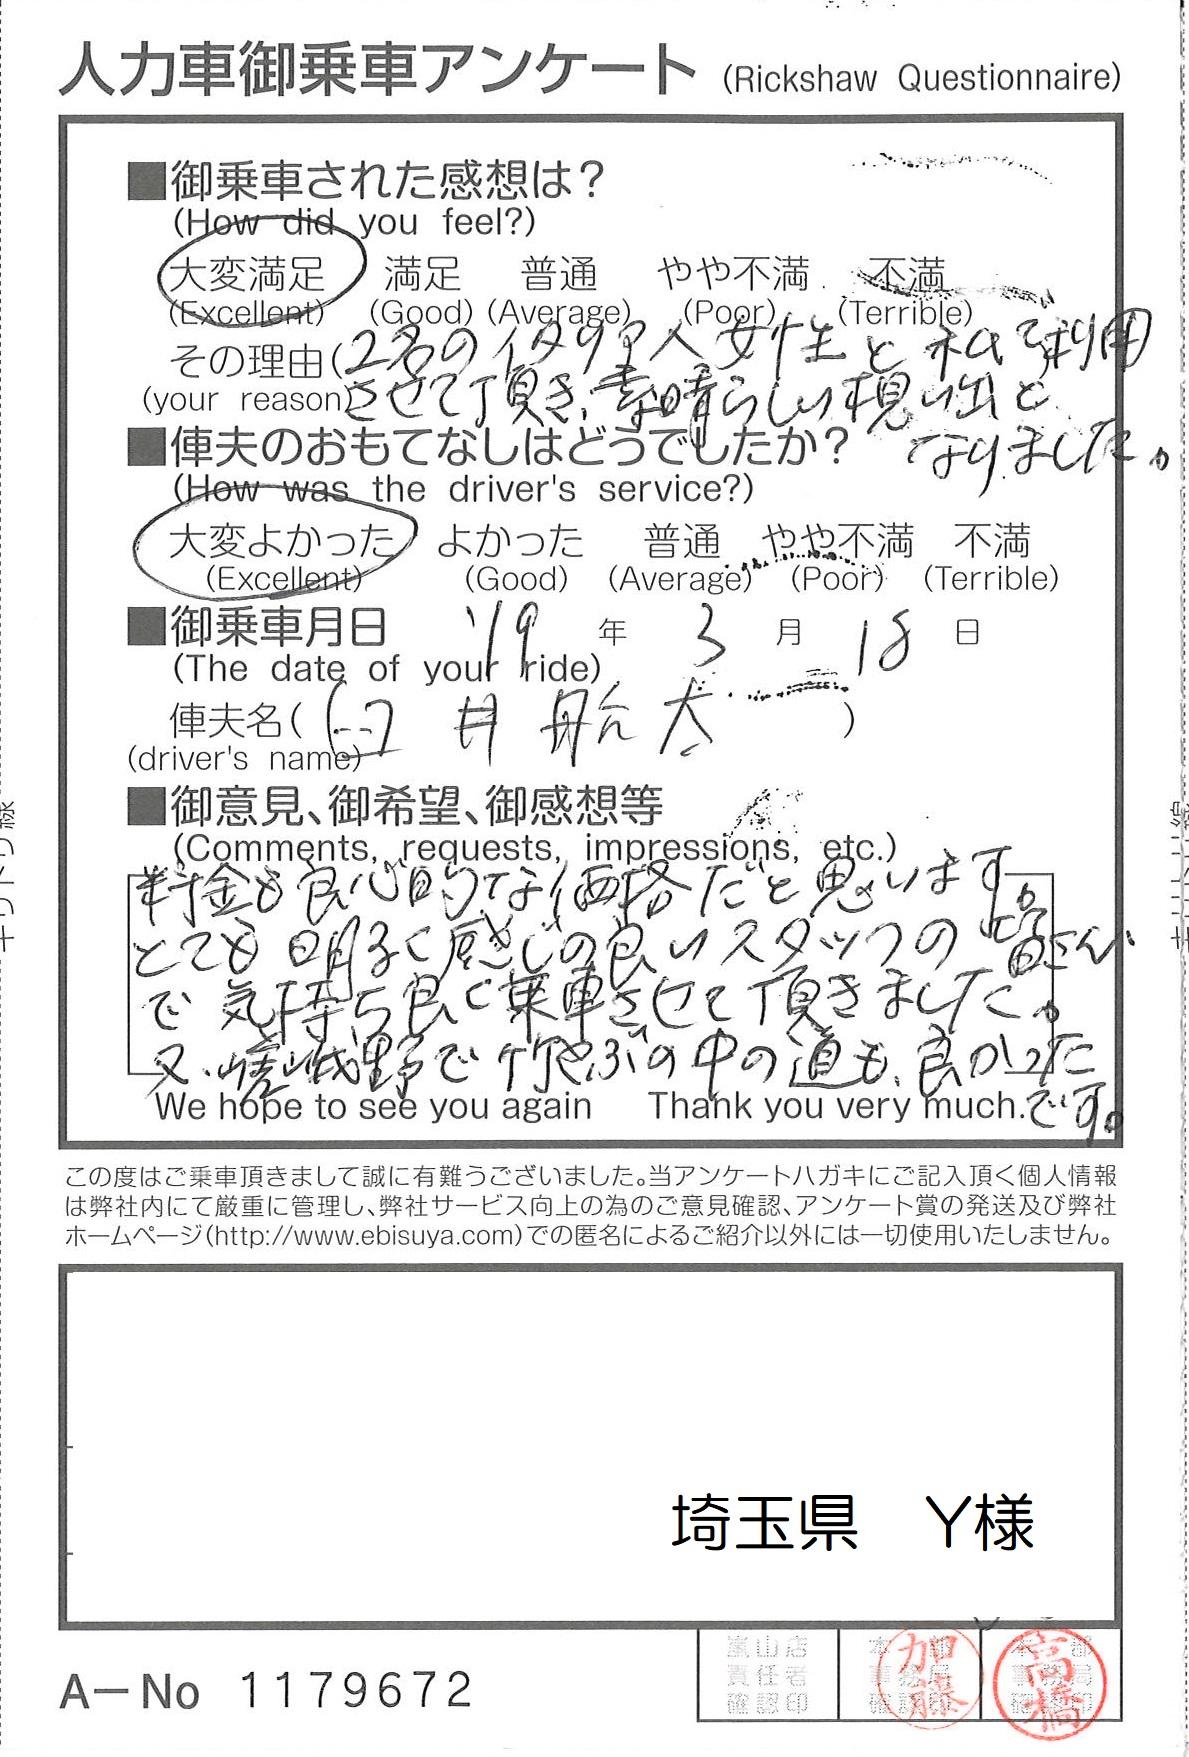 埼玉県 Y様